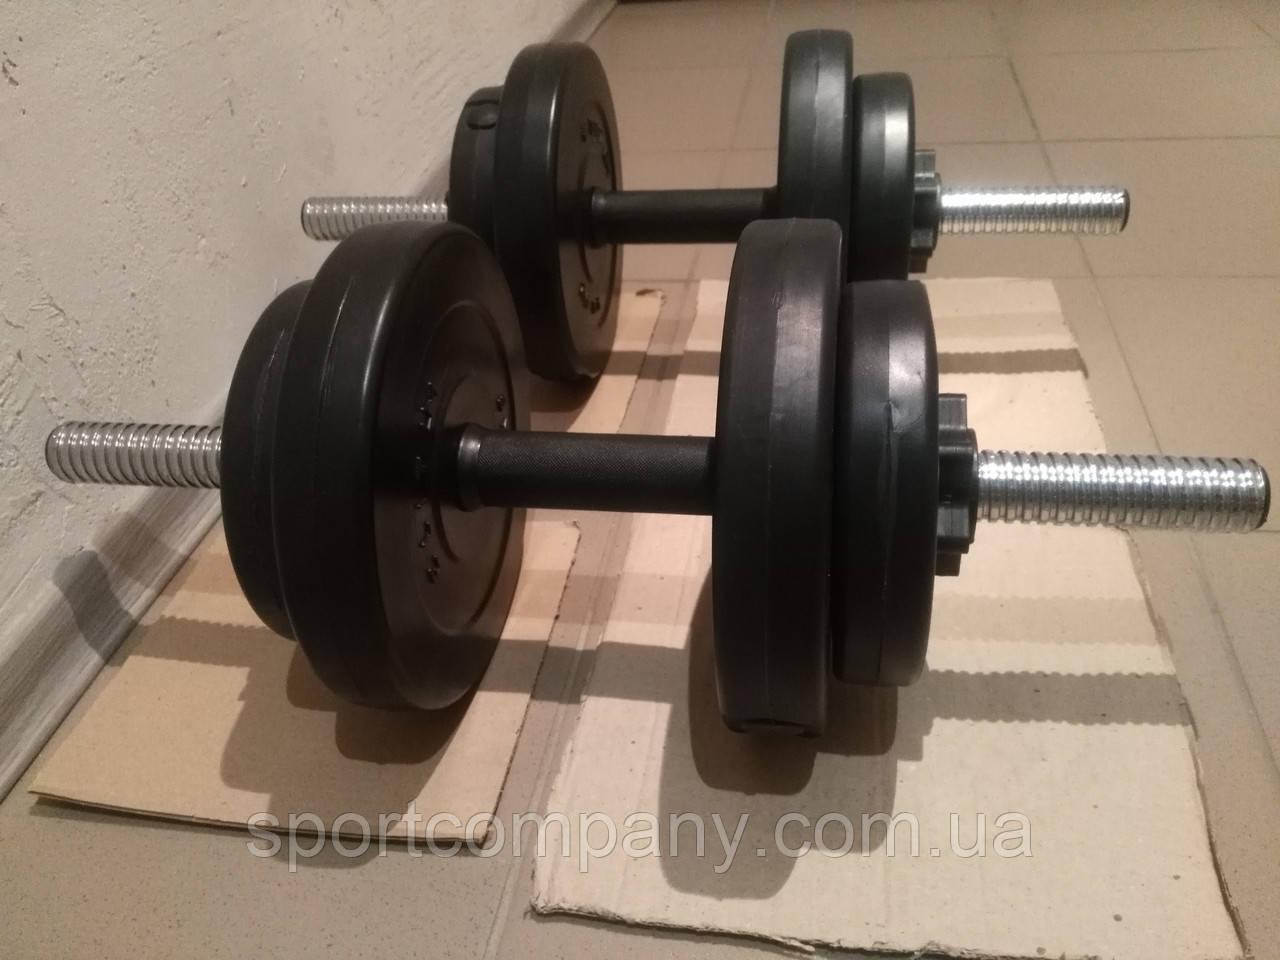 Гантели композитные 2 х 16 кг